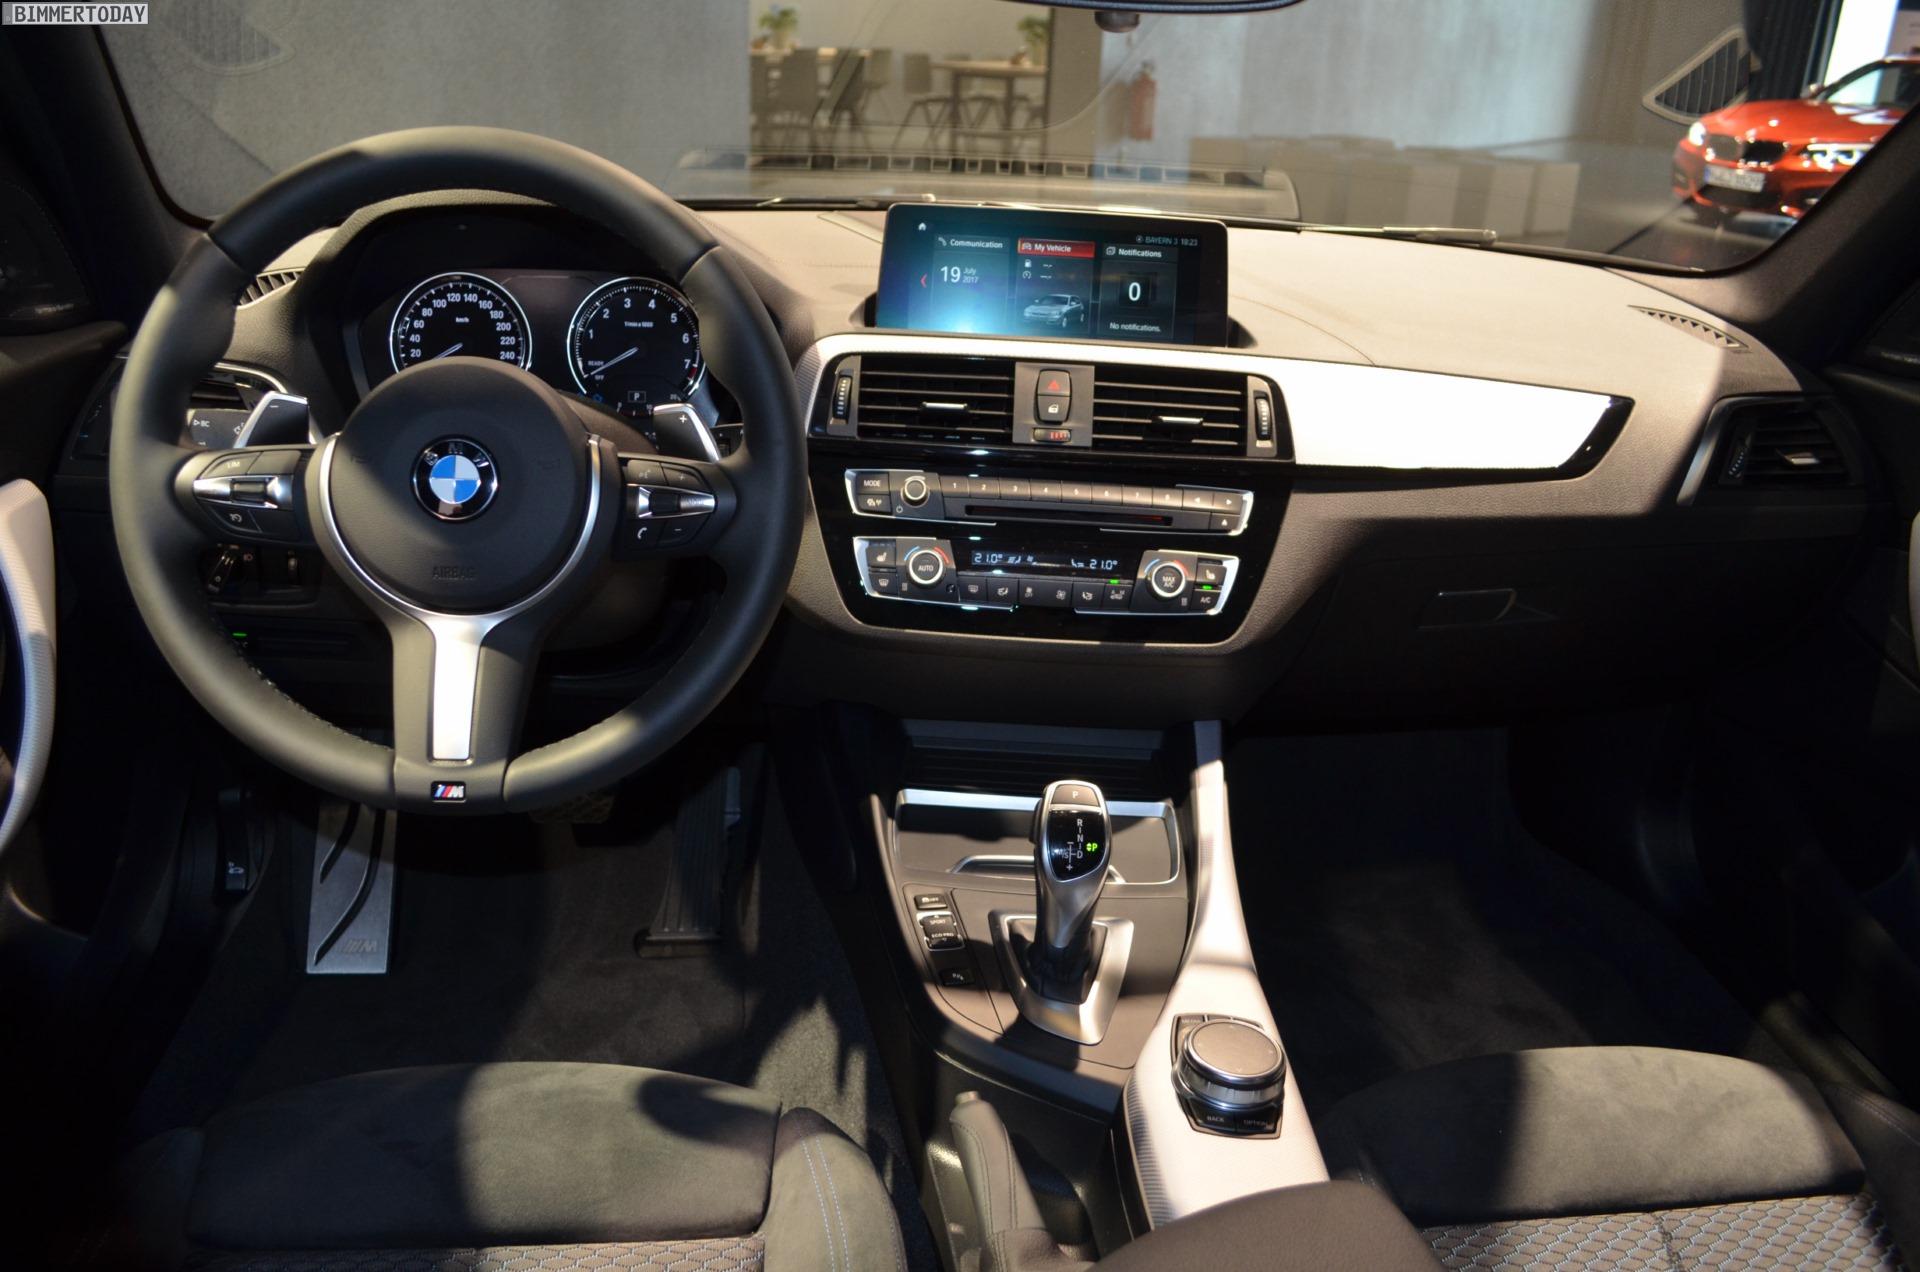 2017-BMW-M140i-Shadow-Edition-1er-F20-LCI-Facelift-II-13.jpg